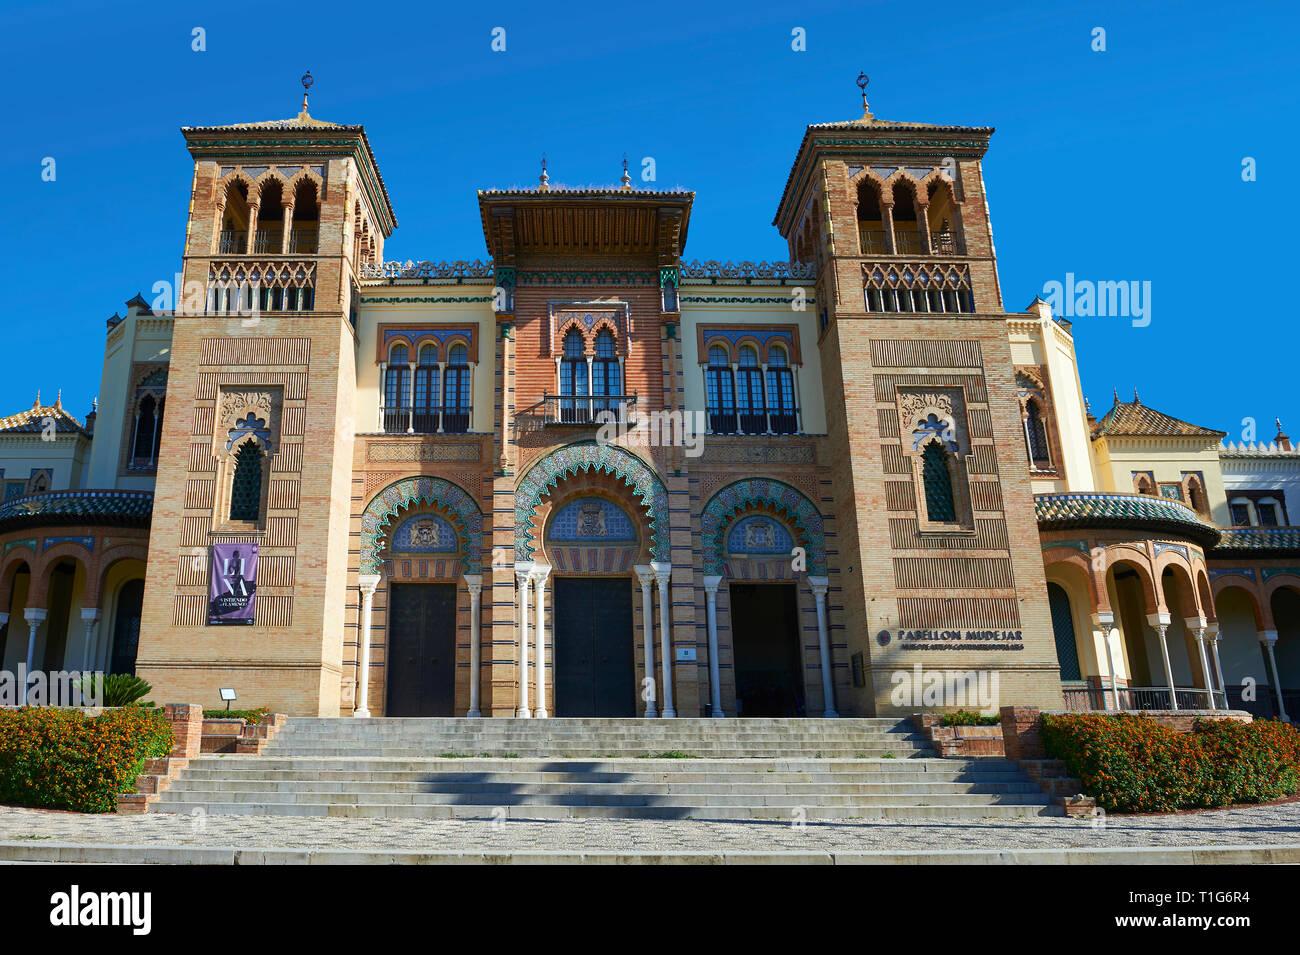 L'arabesque architecture du Musée des Arts et Traditions Nord square, Séville Espagne Photo Stock